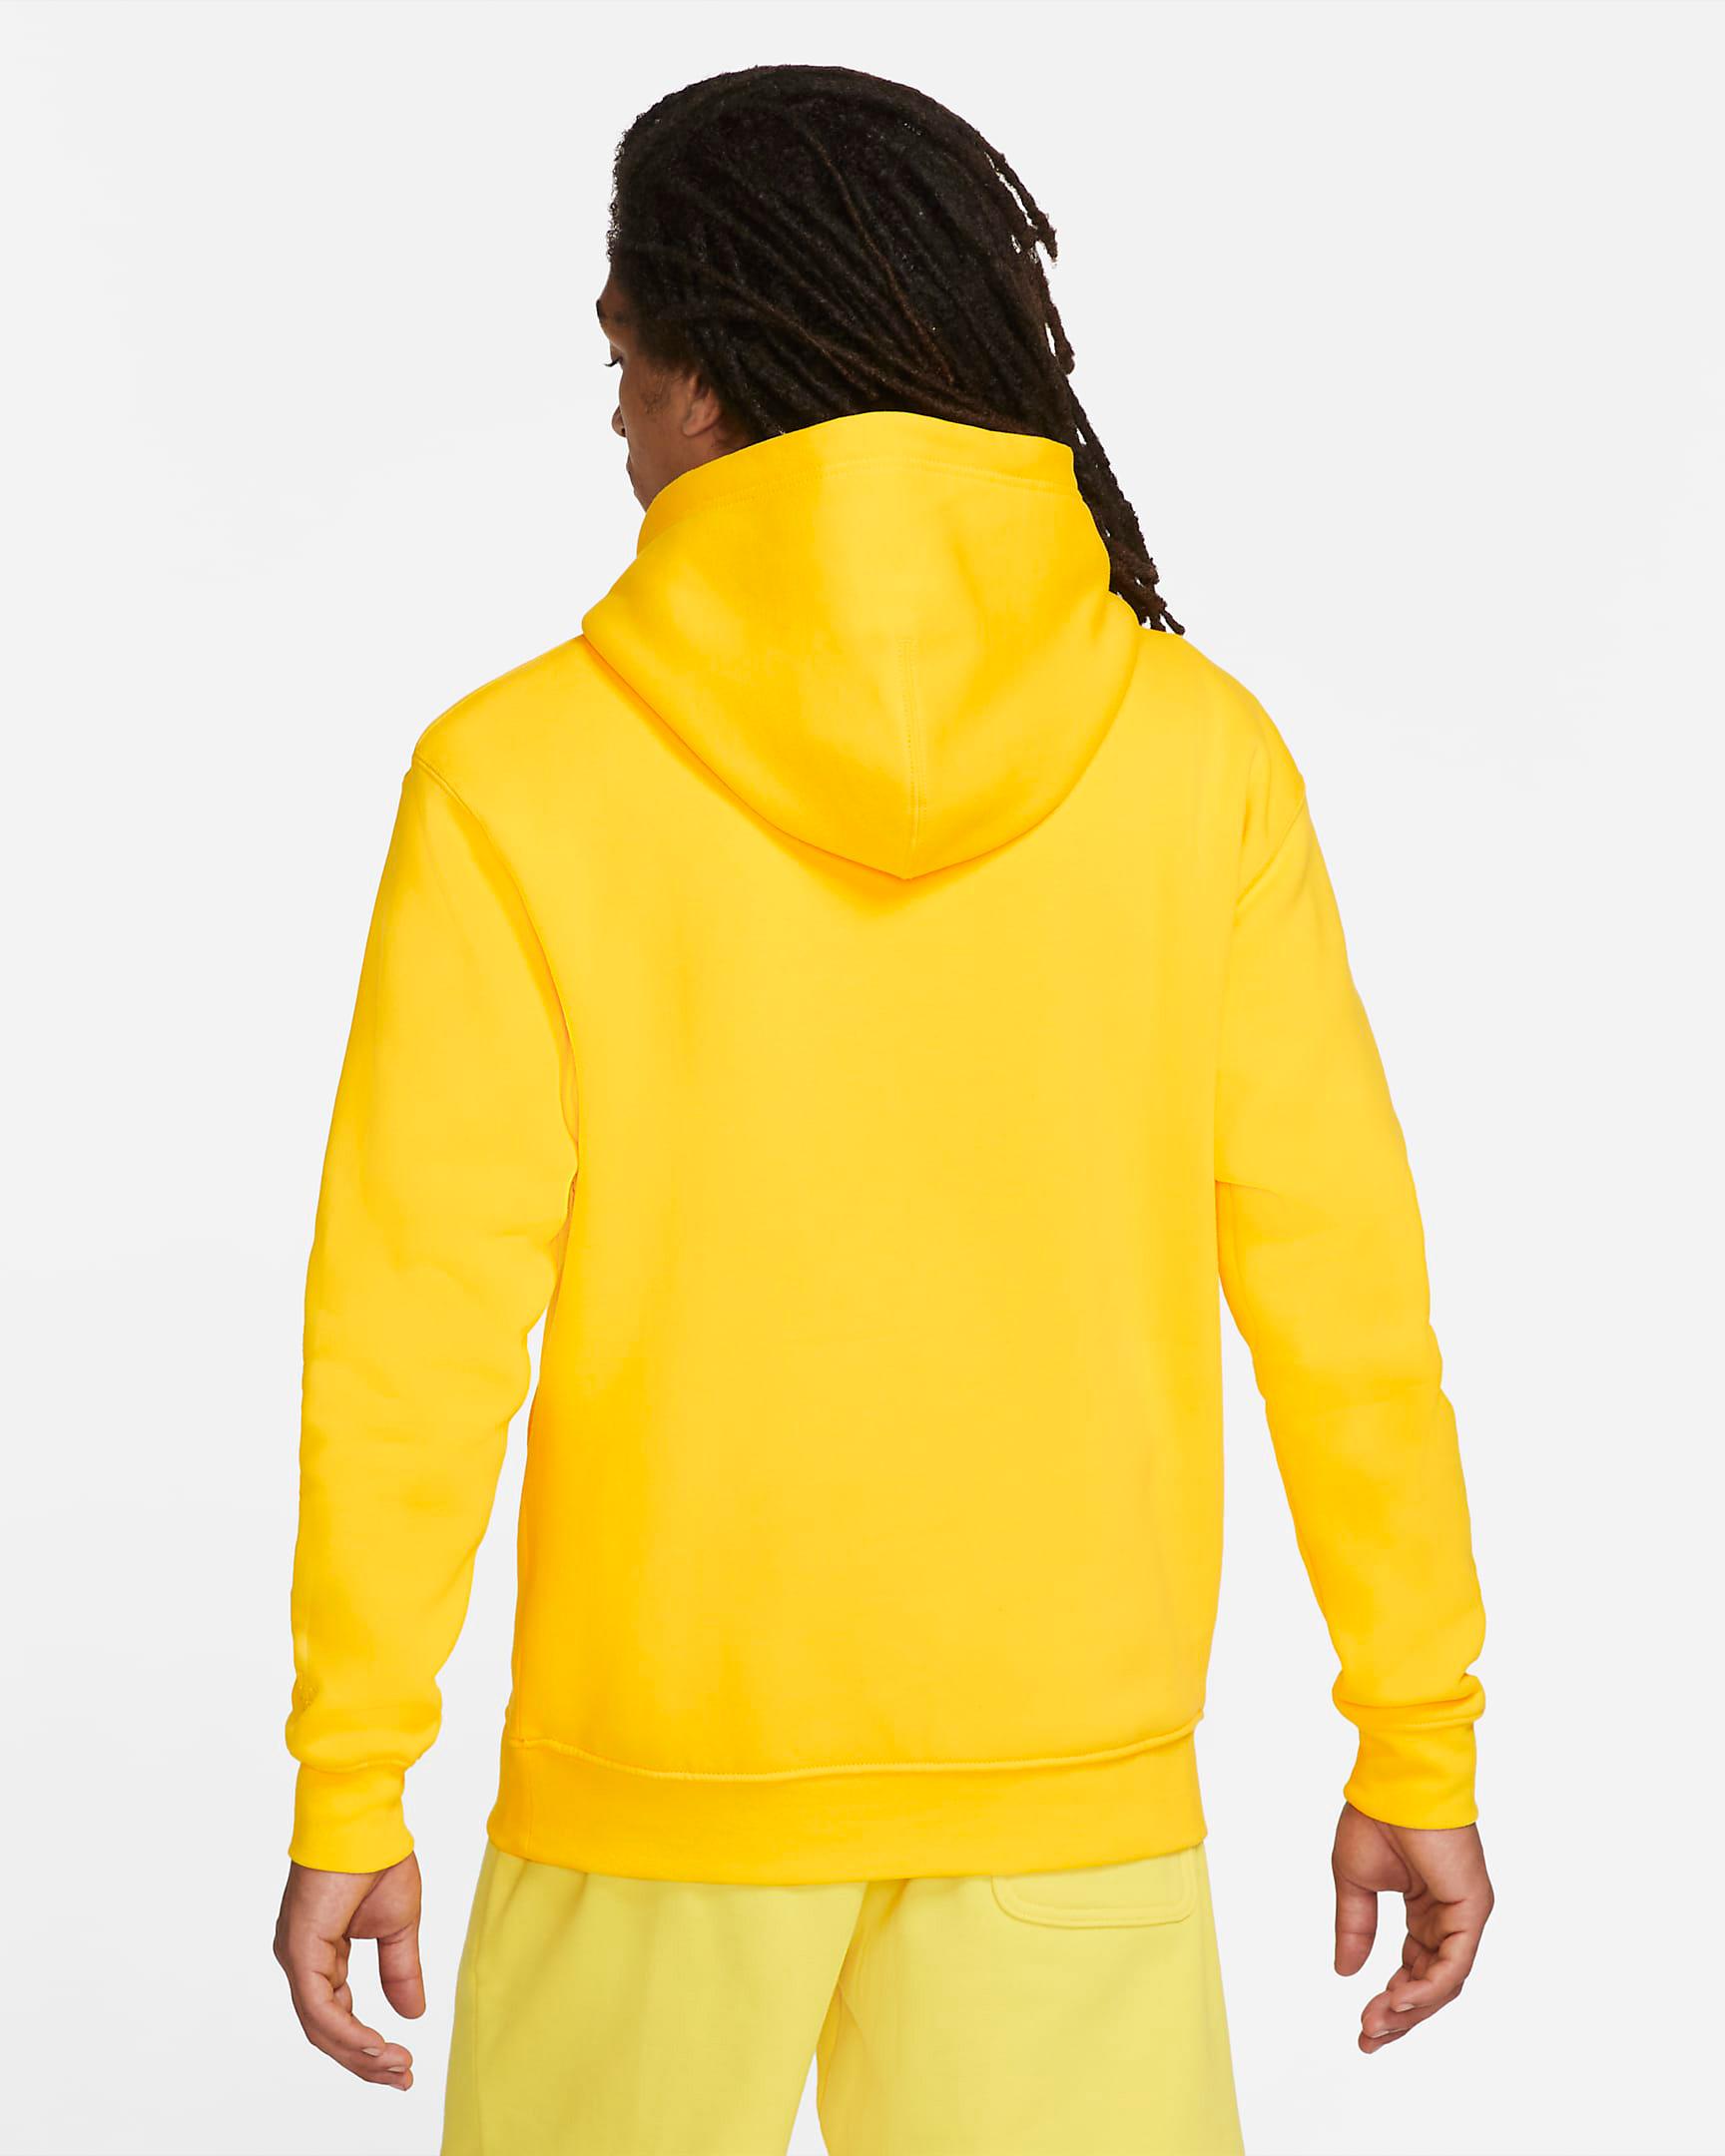 jordan-4-lightning-2021-tour-yellow-hoodie-2